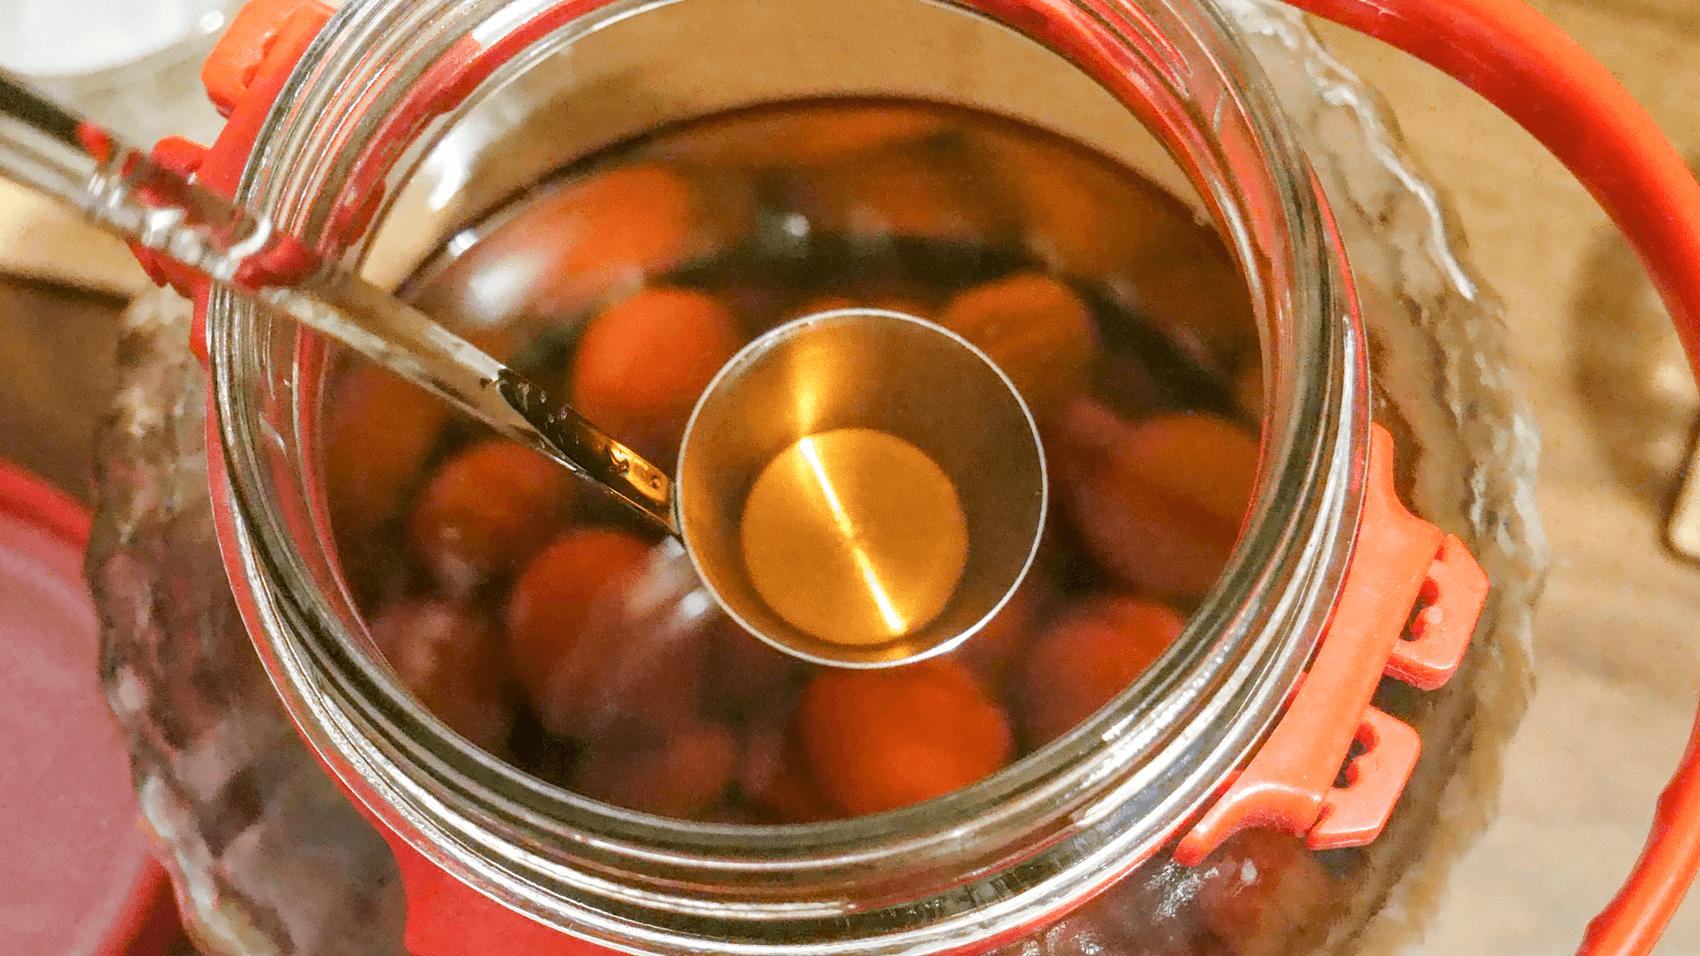 カンロ杓子で梅酒をすくう